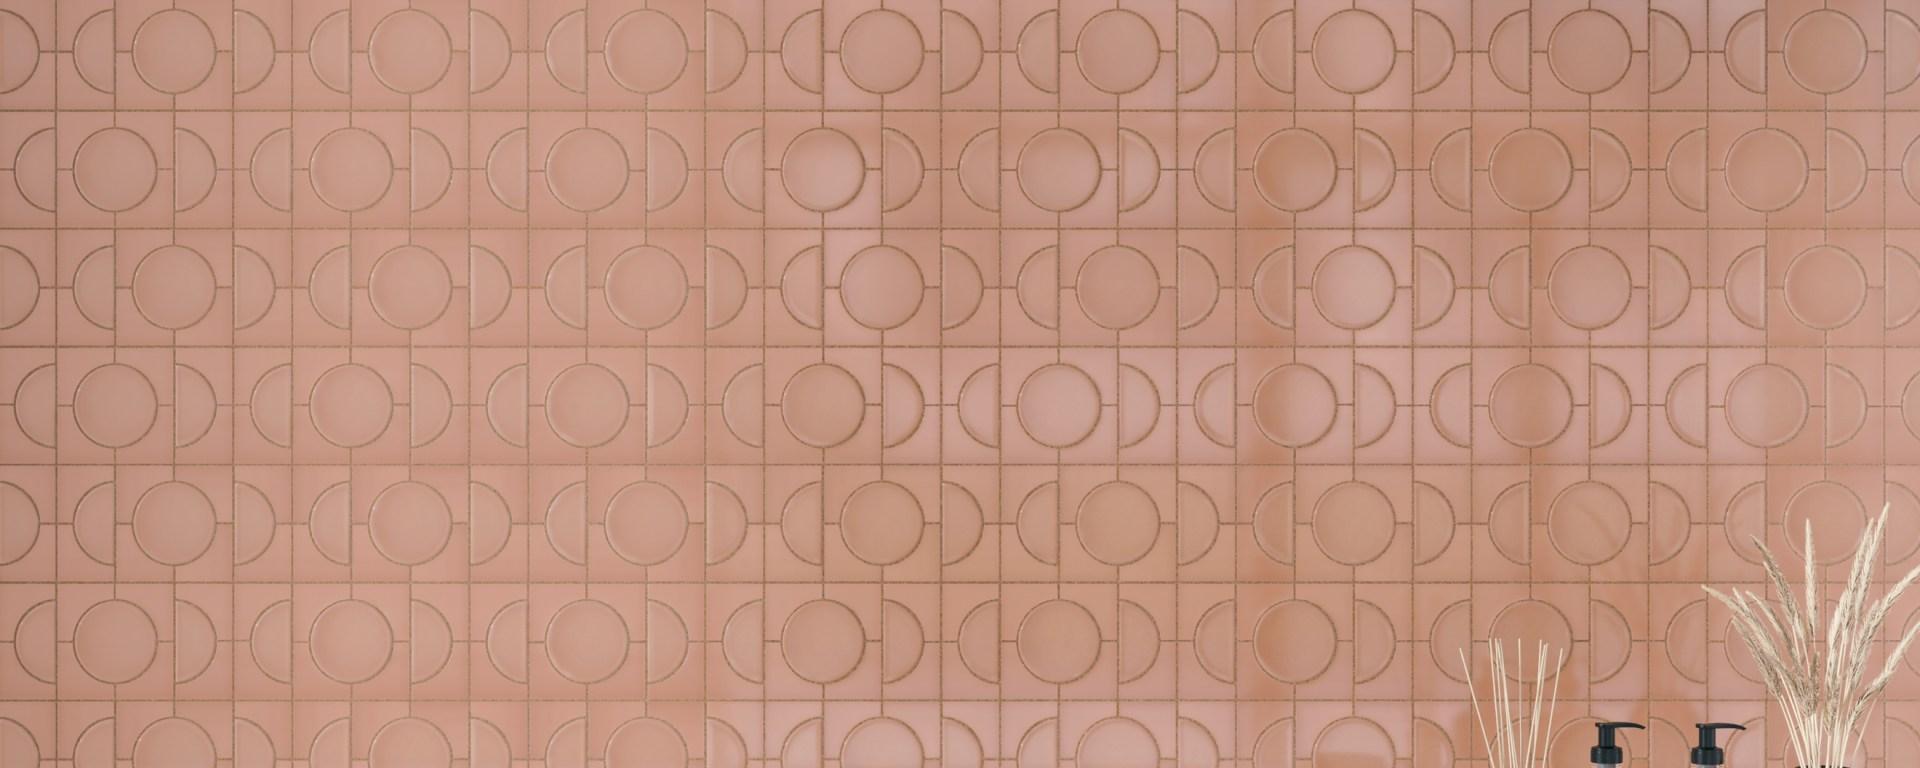 cursive crossville tile collection